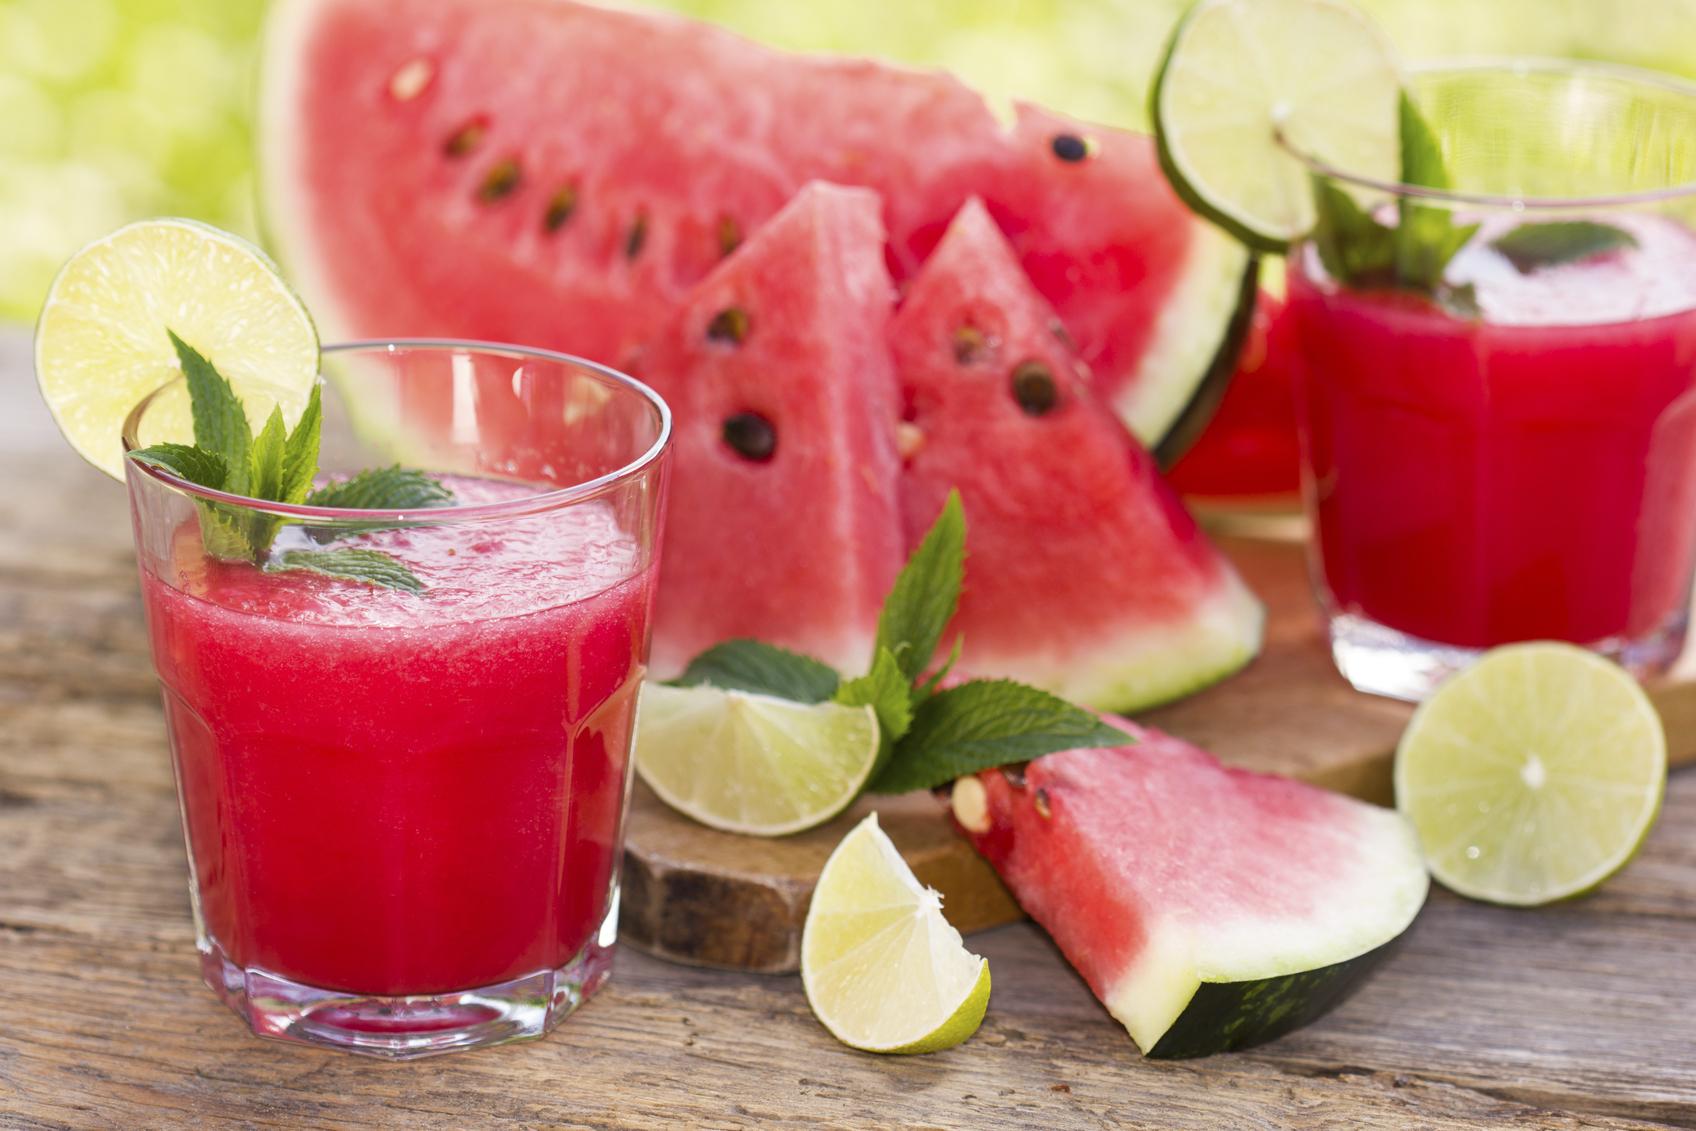 Watermelon Juice Best As Summer Drink